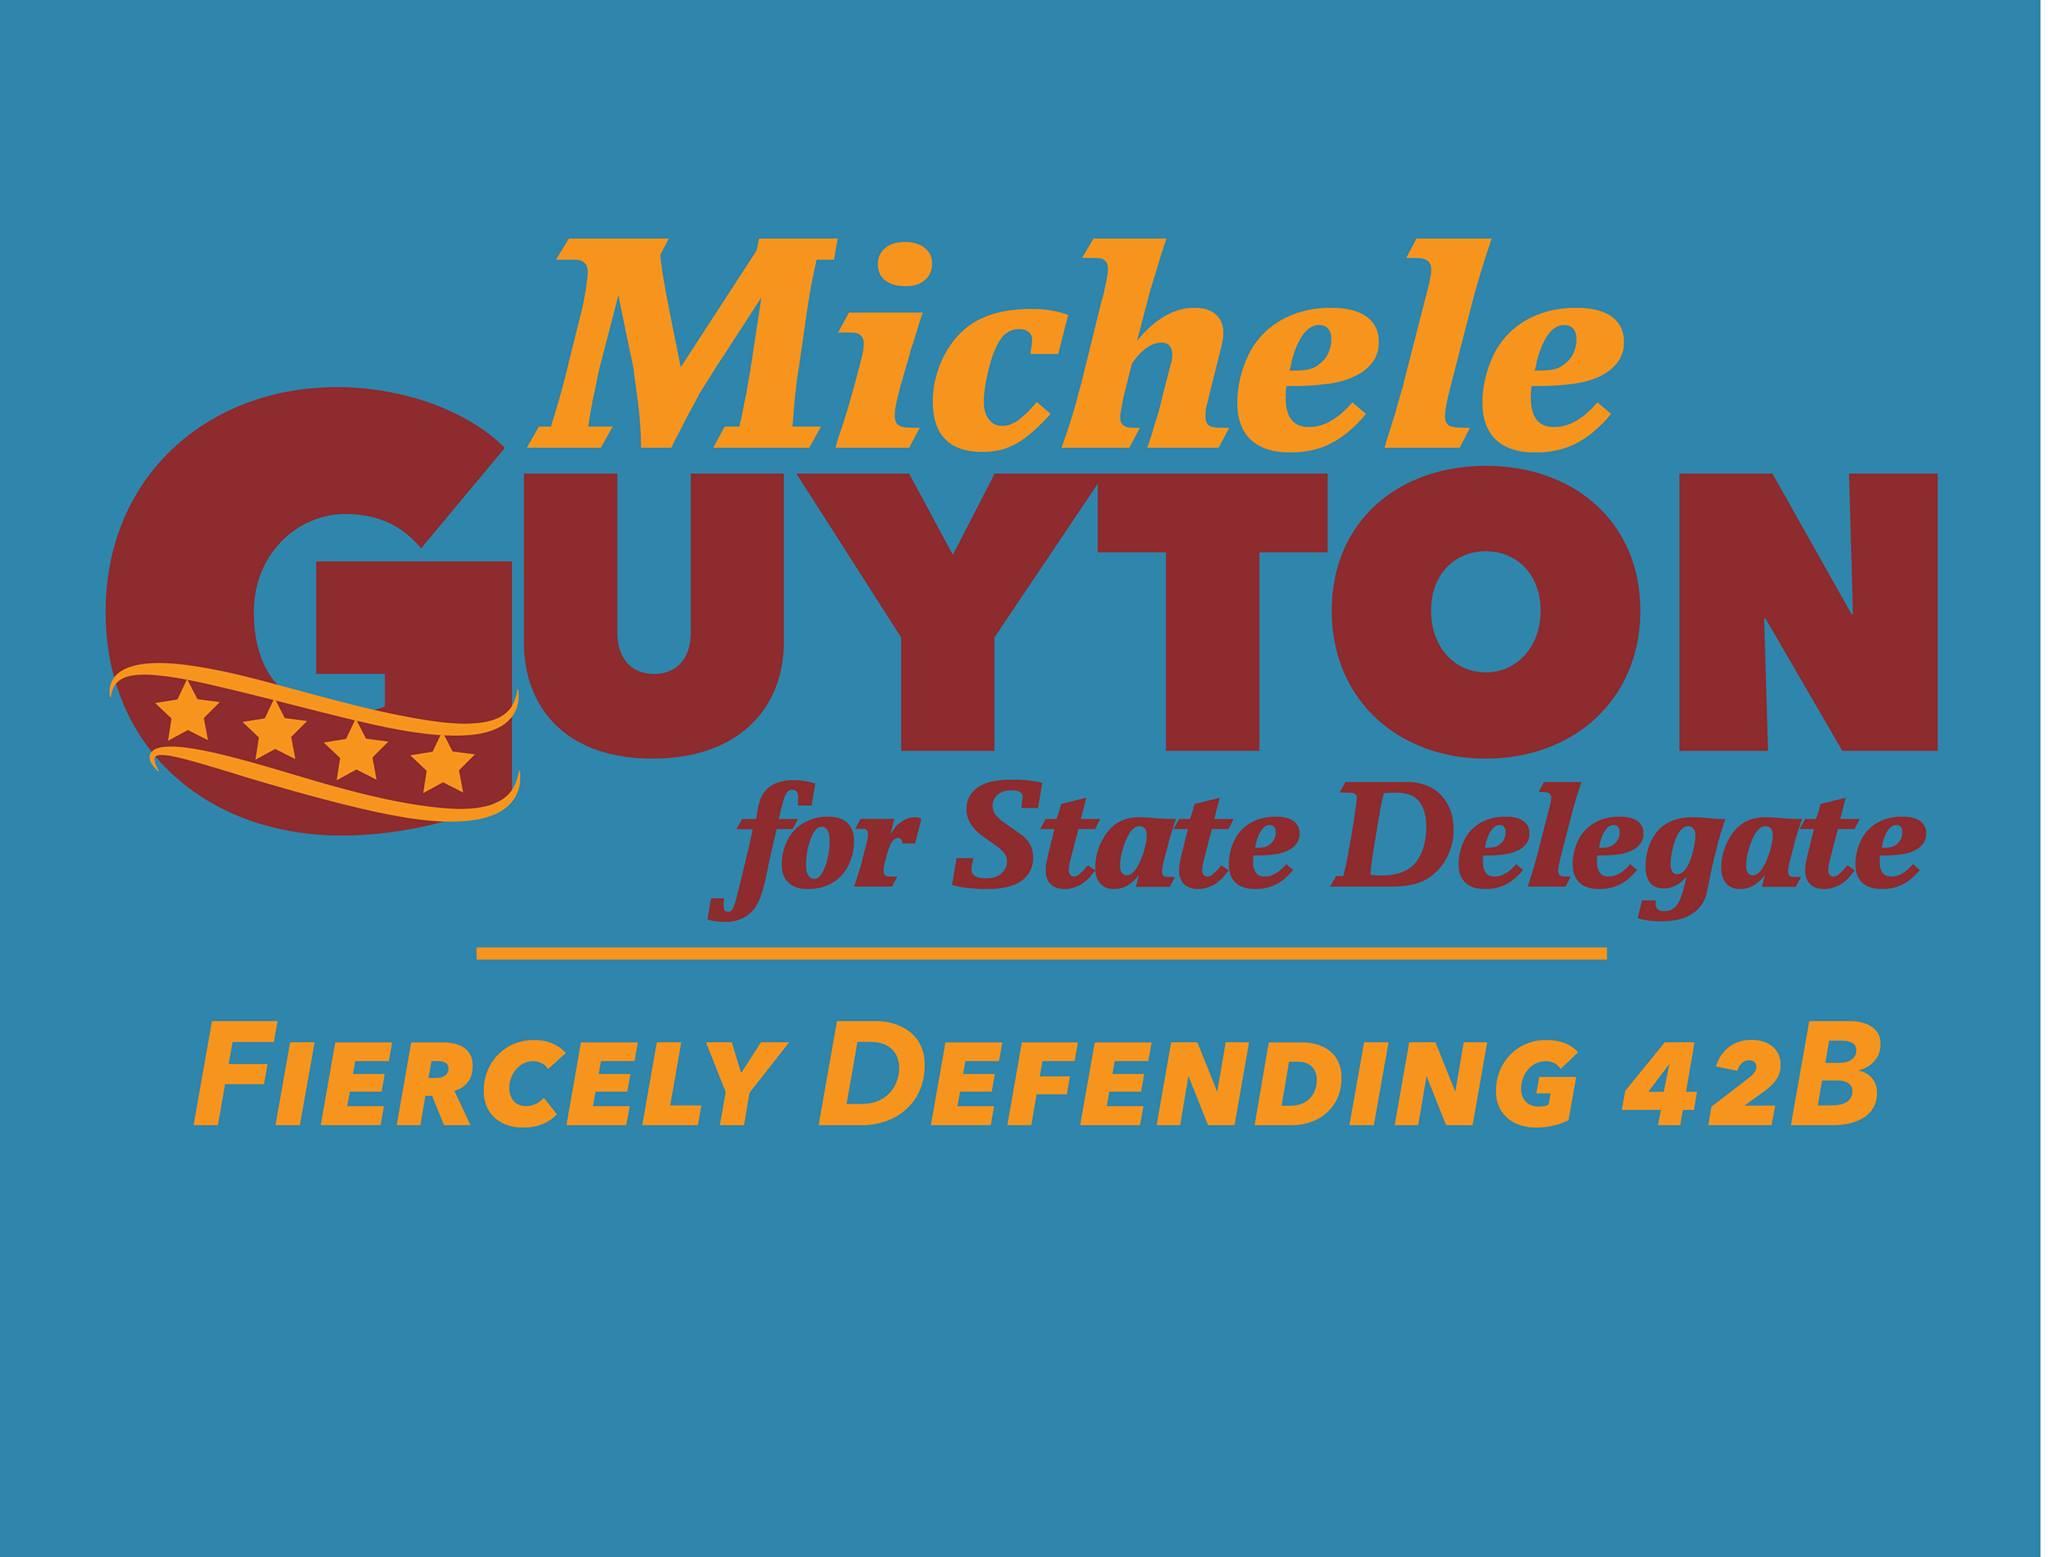 Michele Guyton